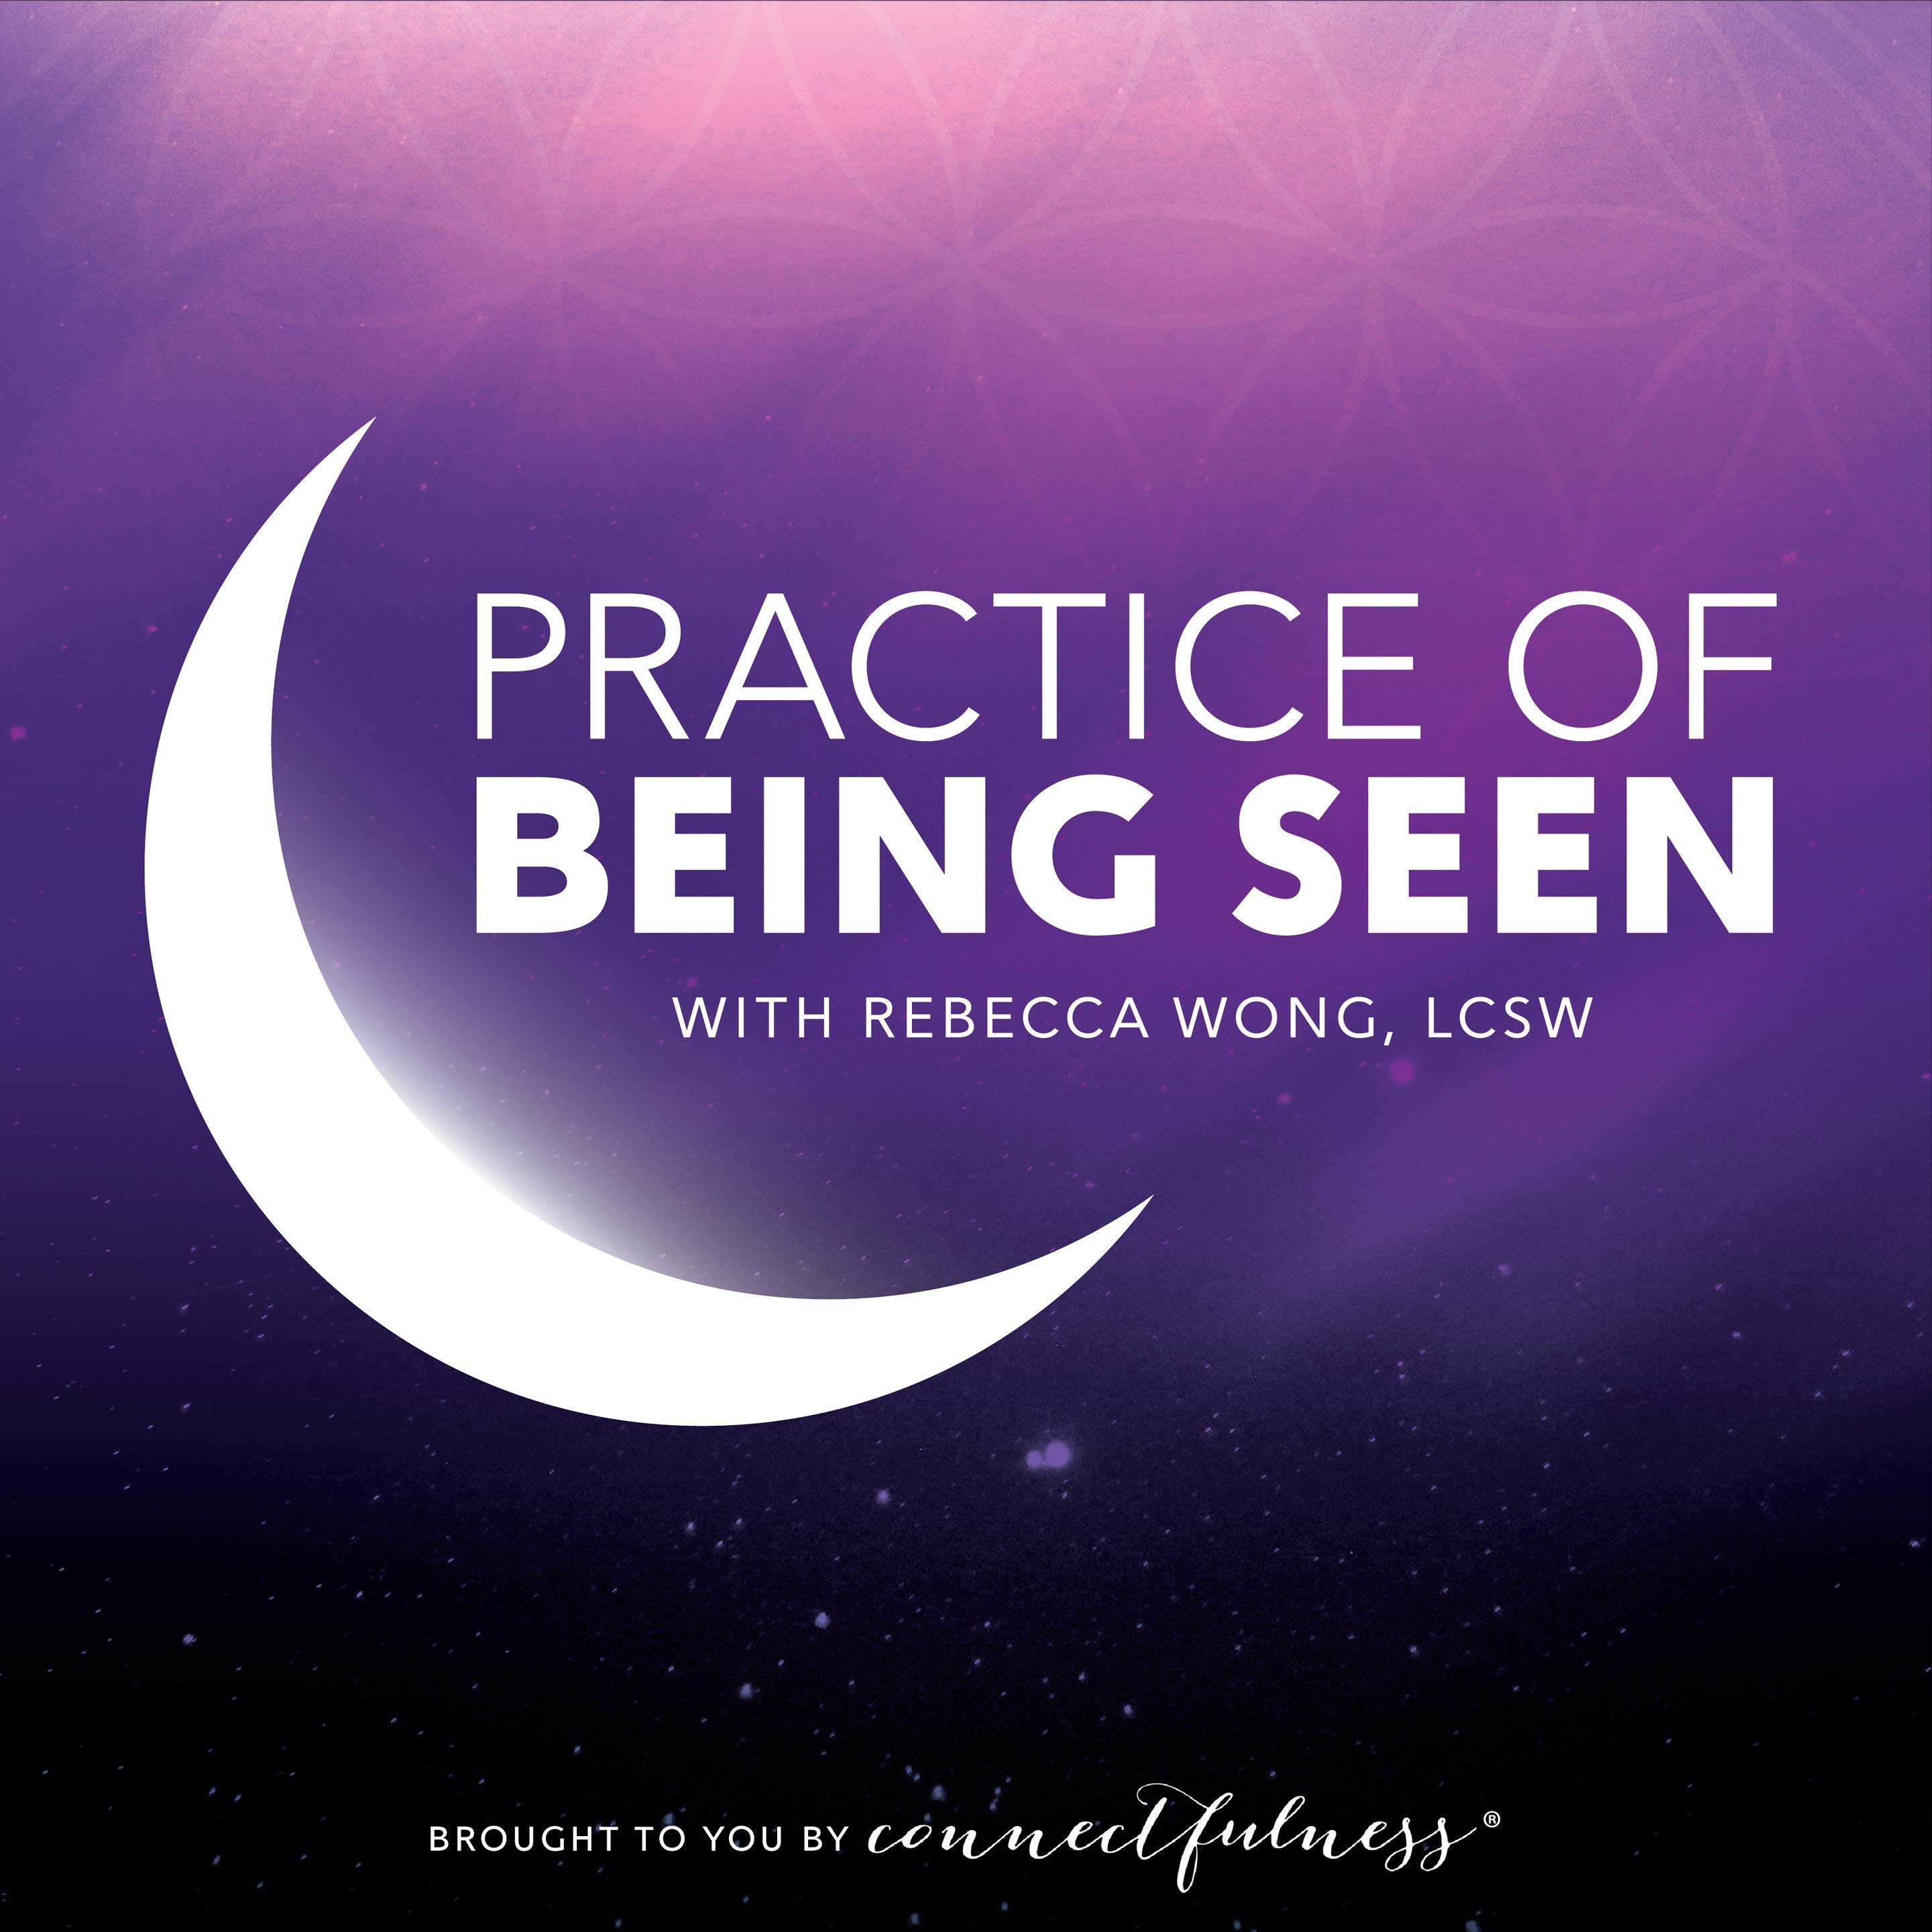 Practice of Being Seen